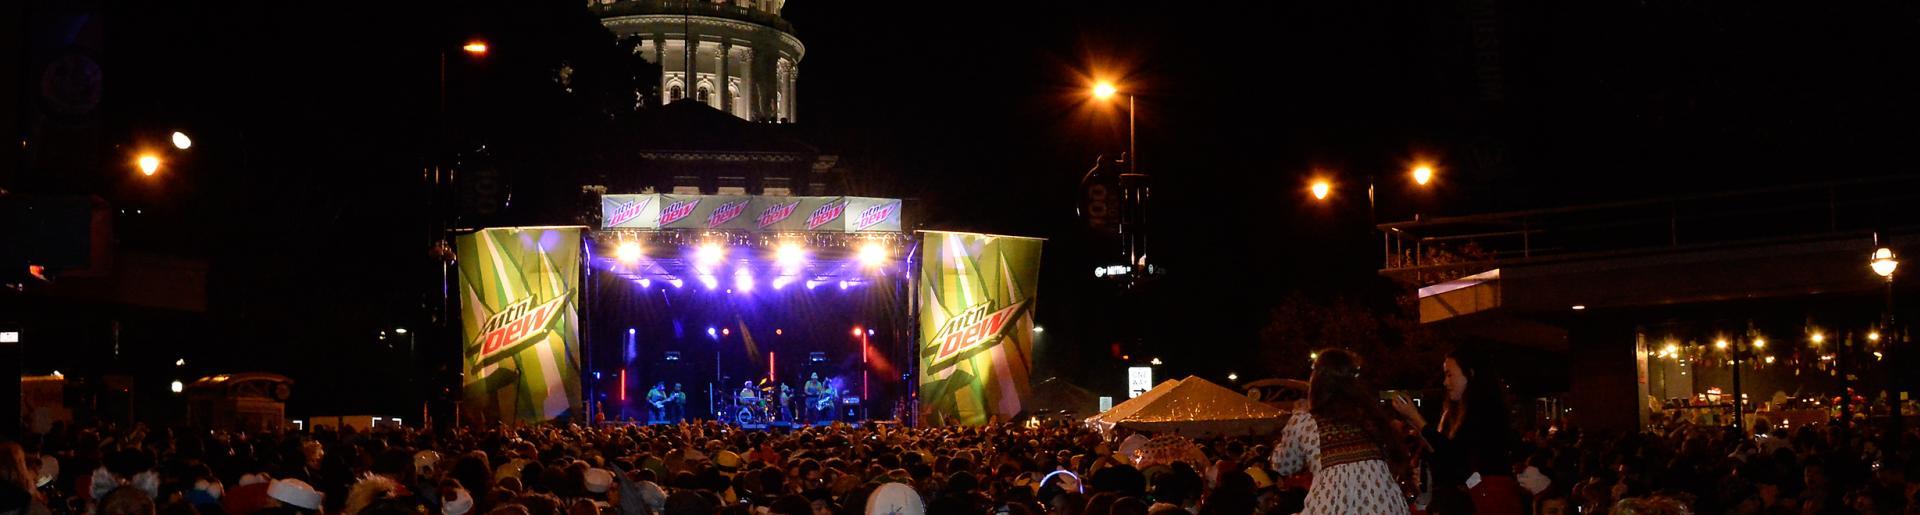 Freakfest Music Festival